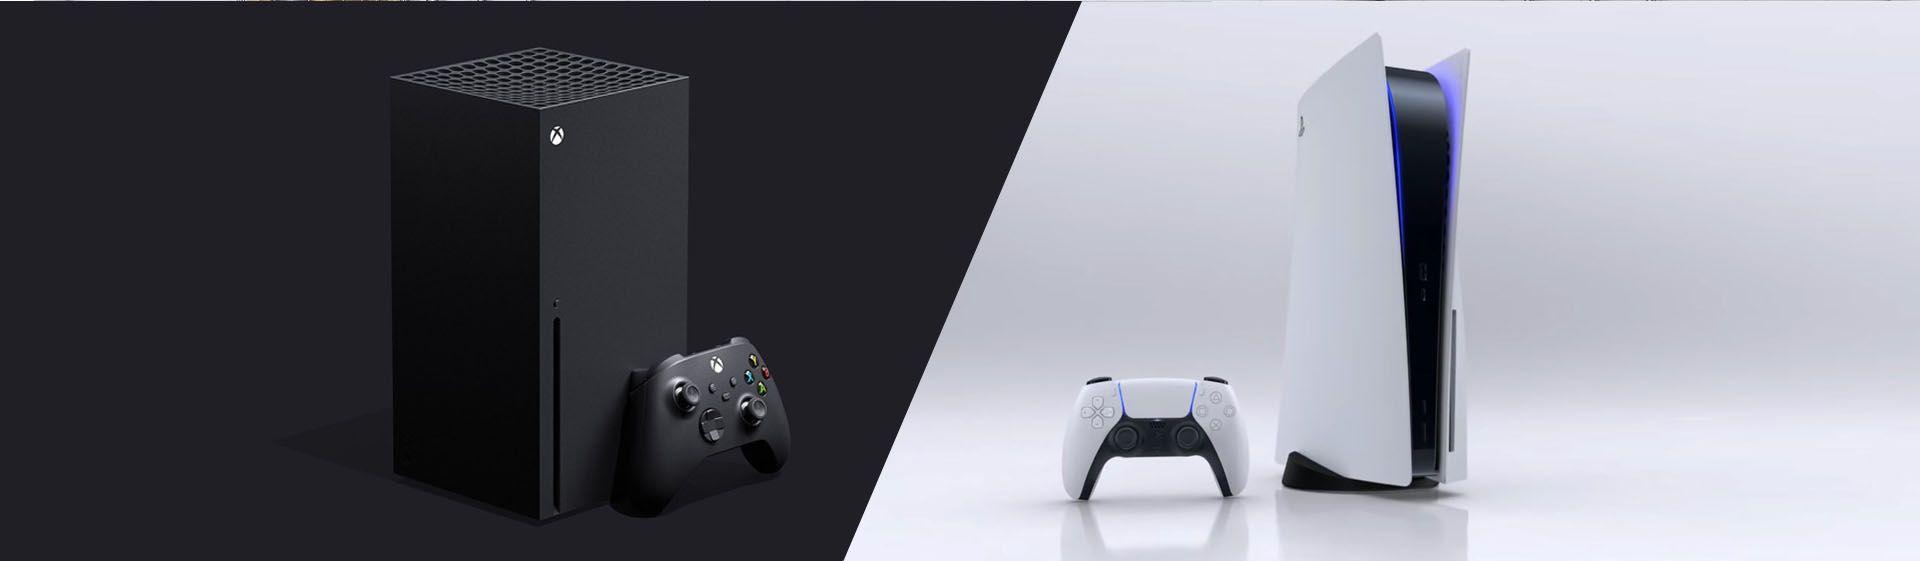 PS5 vs Xbox Series X: comparativo de especificações, controle e jogos